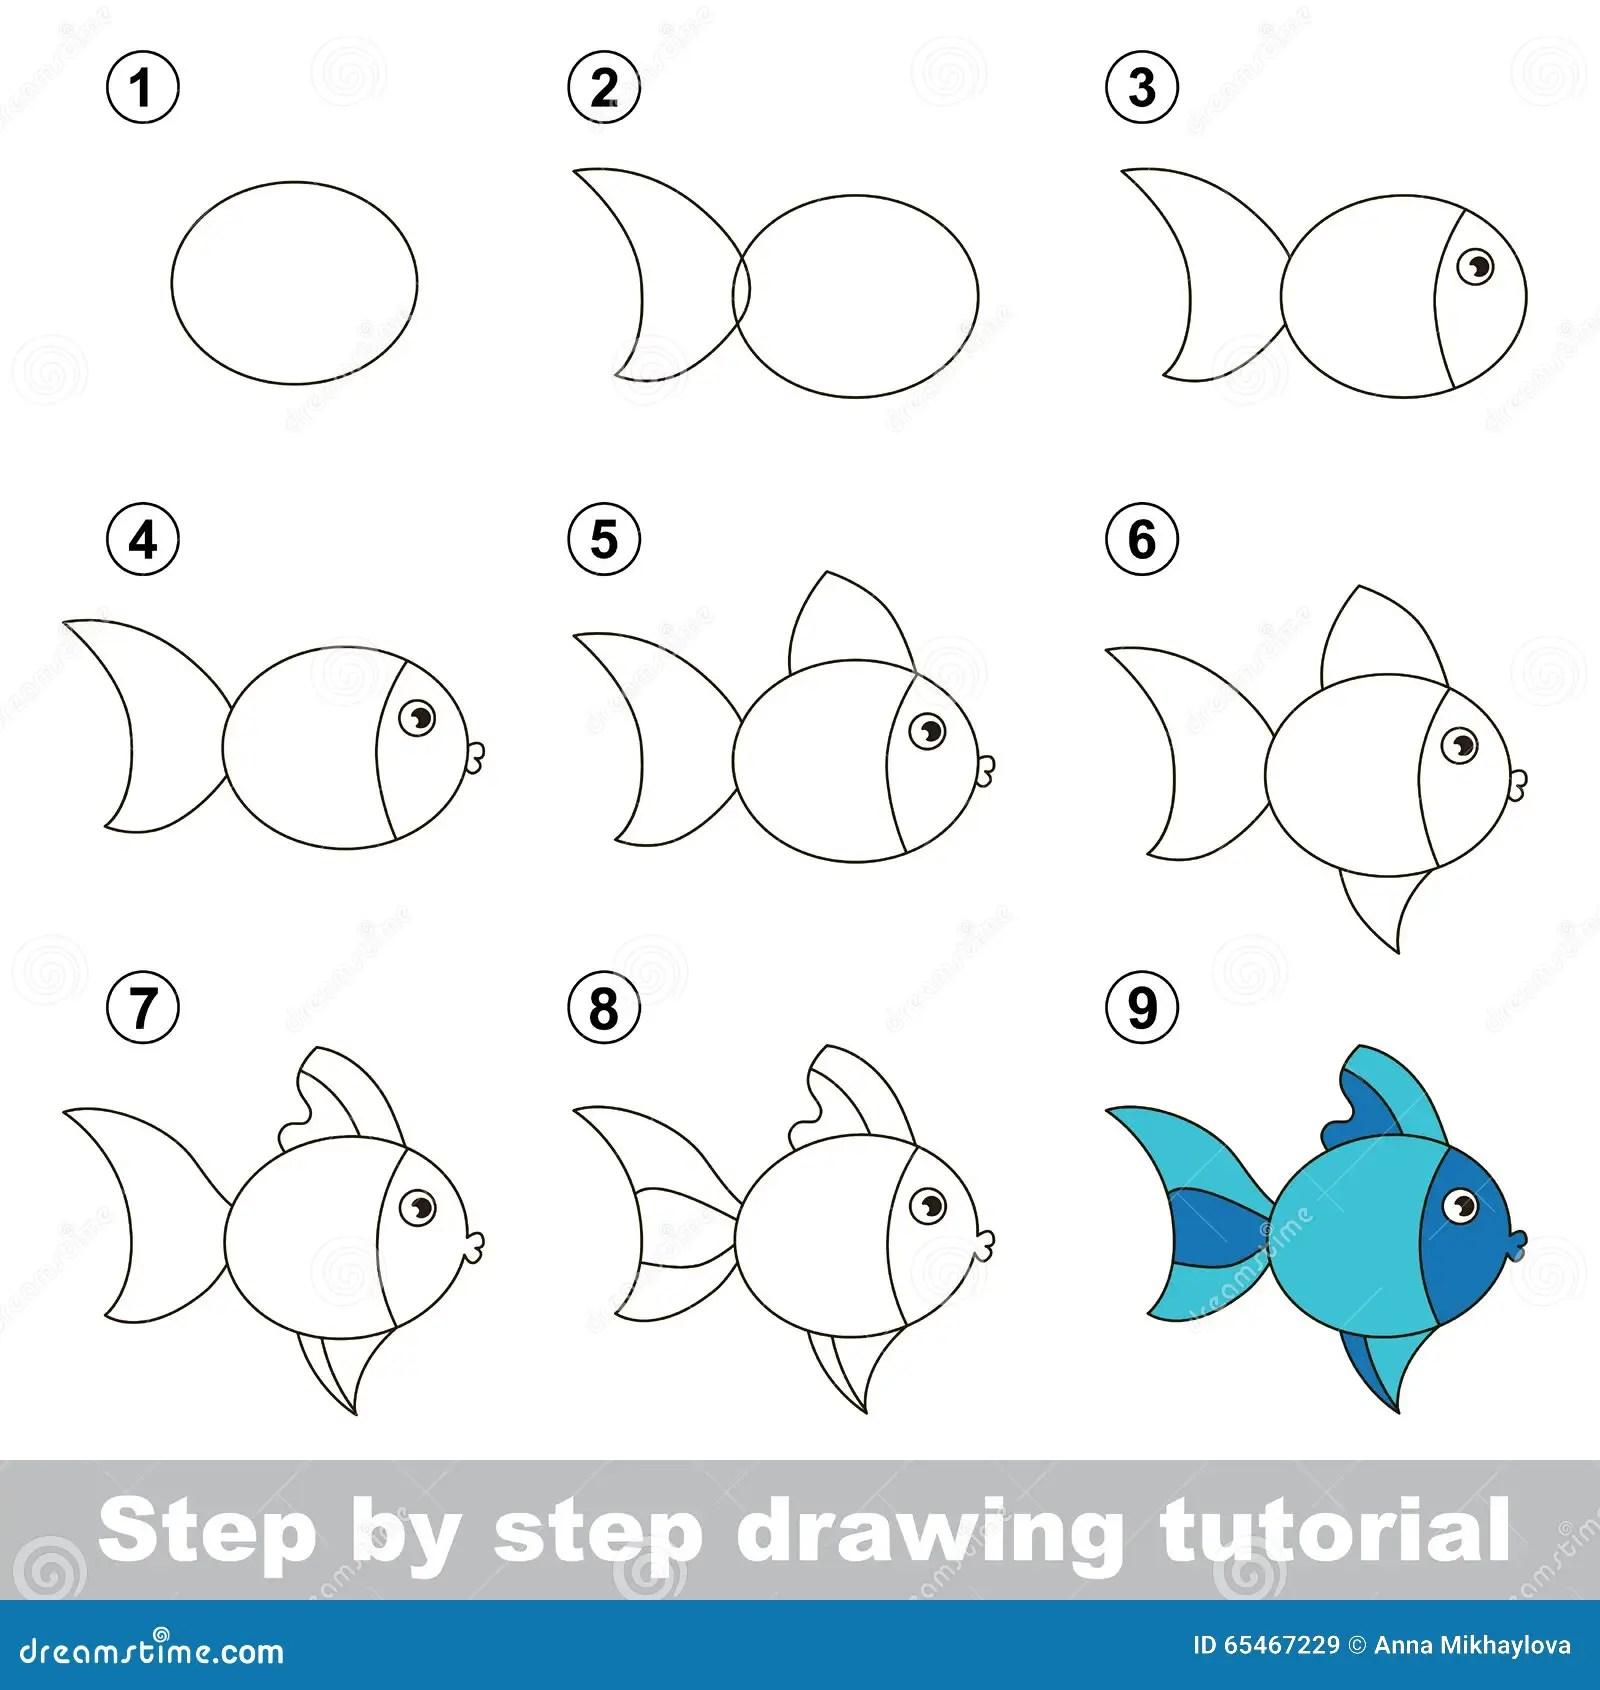 Zeichnendes Tutorium Wie Man Einen Netten Fisch Zeichnet